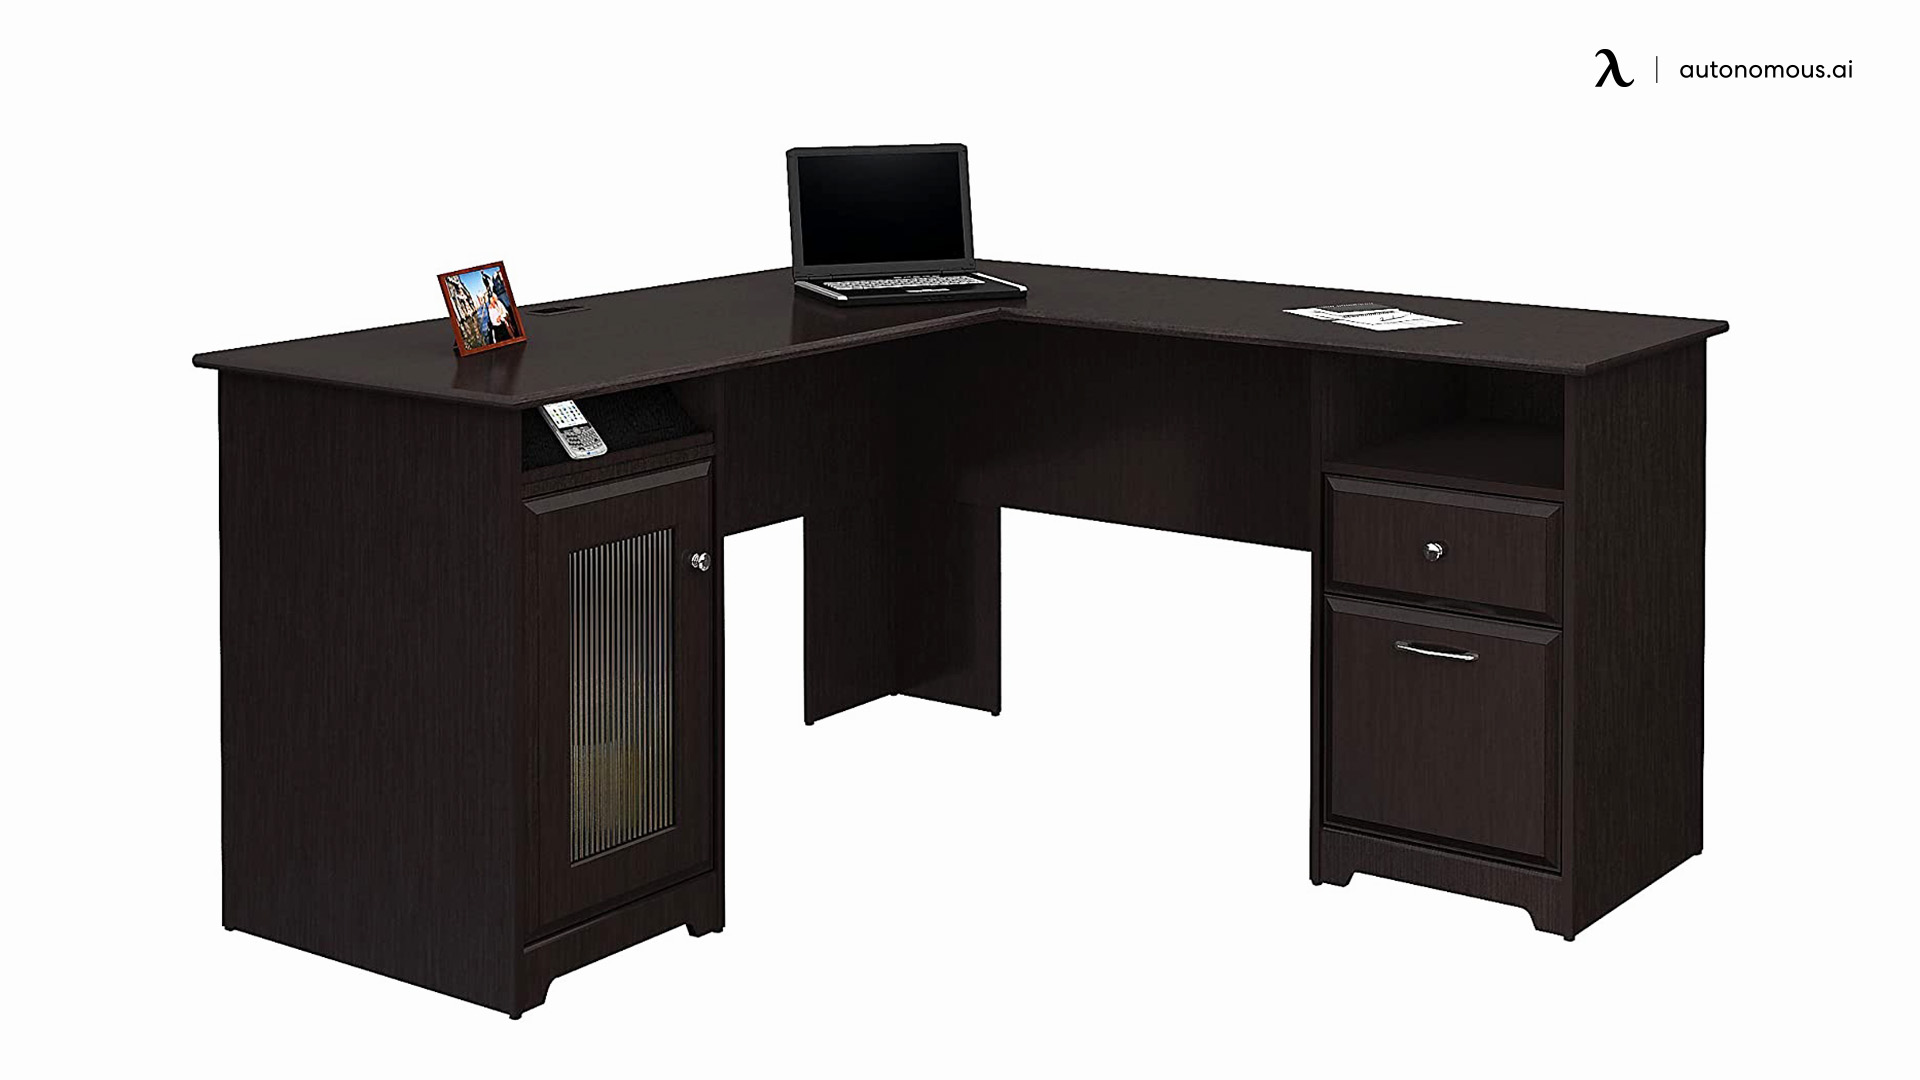 Bush Furniture Anthropology Black Corner Desk